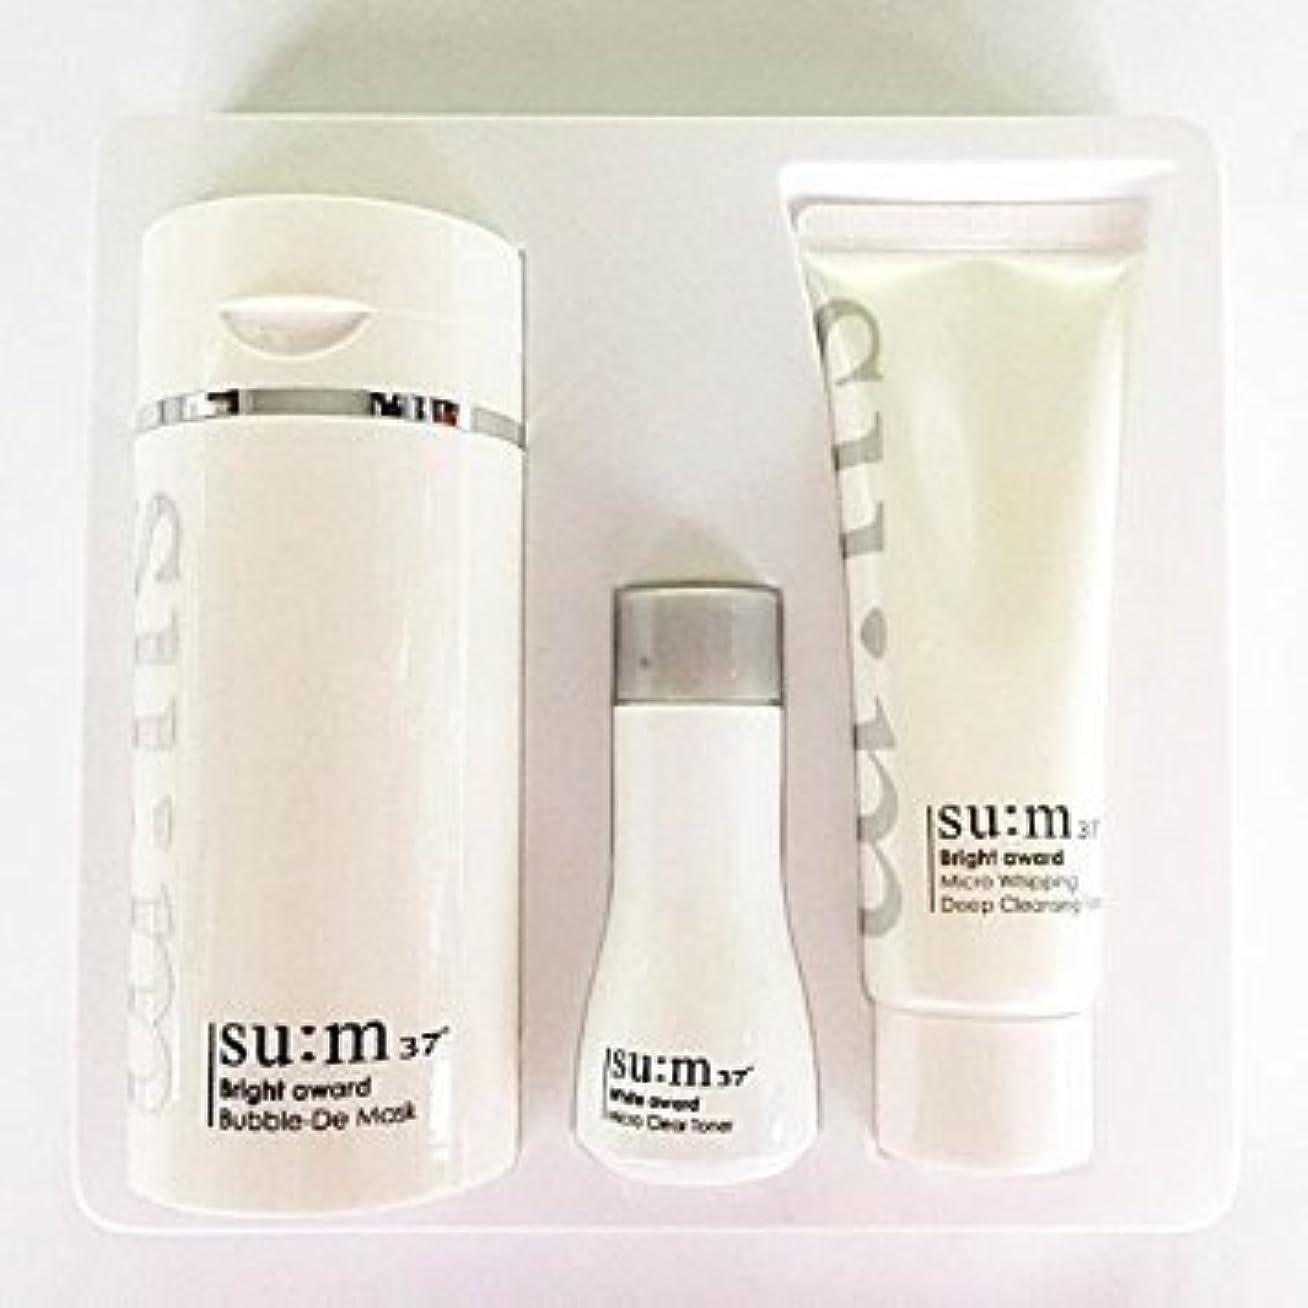 貧しい終了する出会いSu:m37°(スム37) Su:m 37 White Bright Award Bubble-De Mask Special Set 企画セット [並行輸入品]